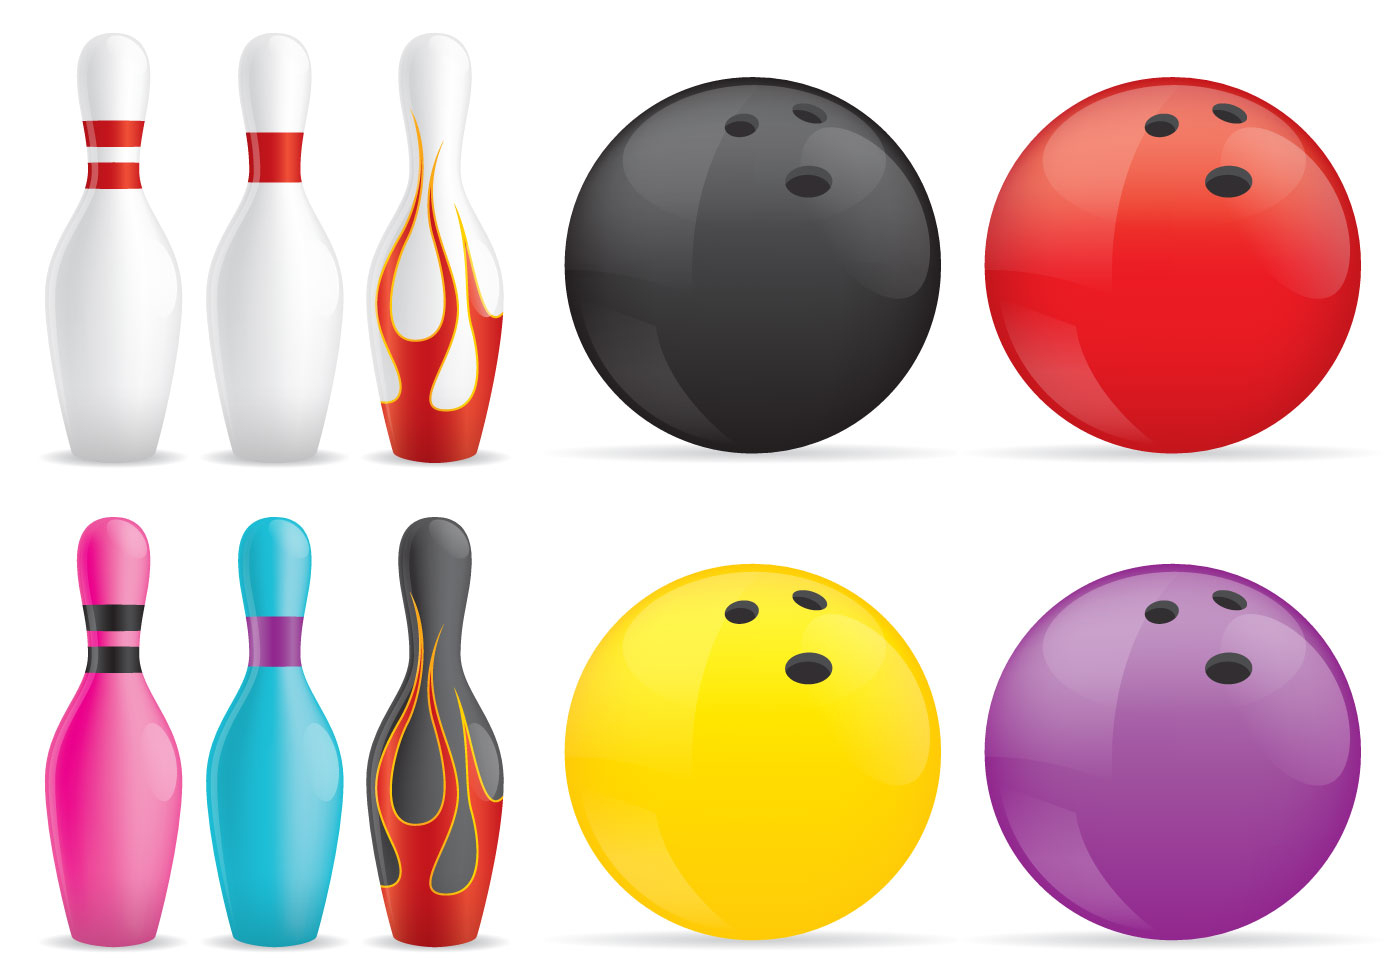 Pins Et Boules De Bowling - Telecharger Vectoriel Gratuit serapportantà Jeux Gratuits De Bowling